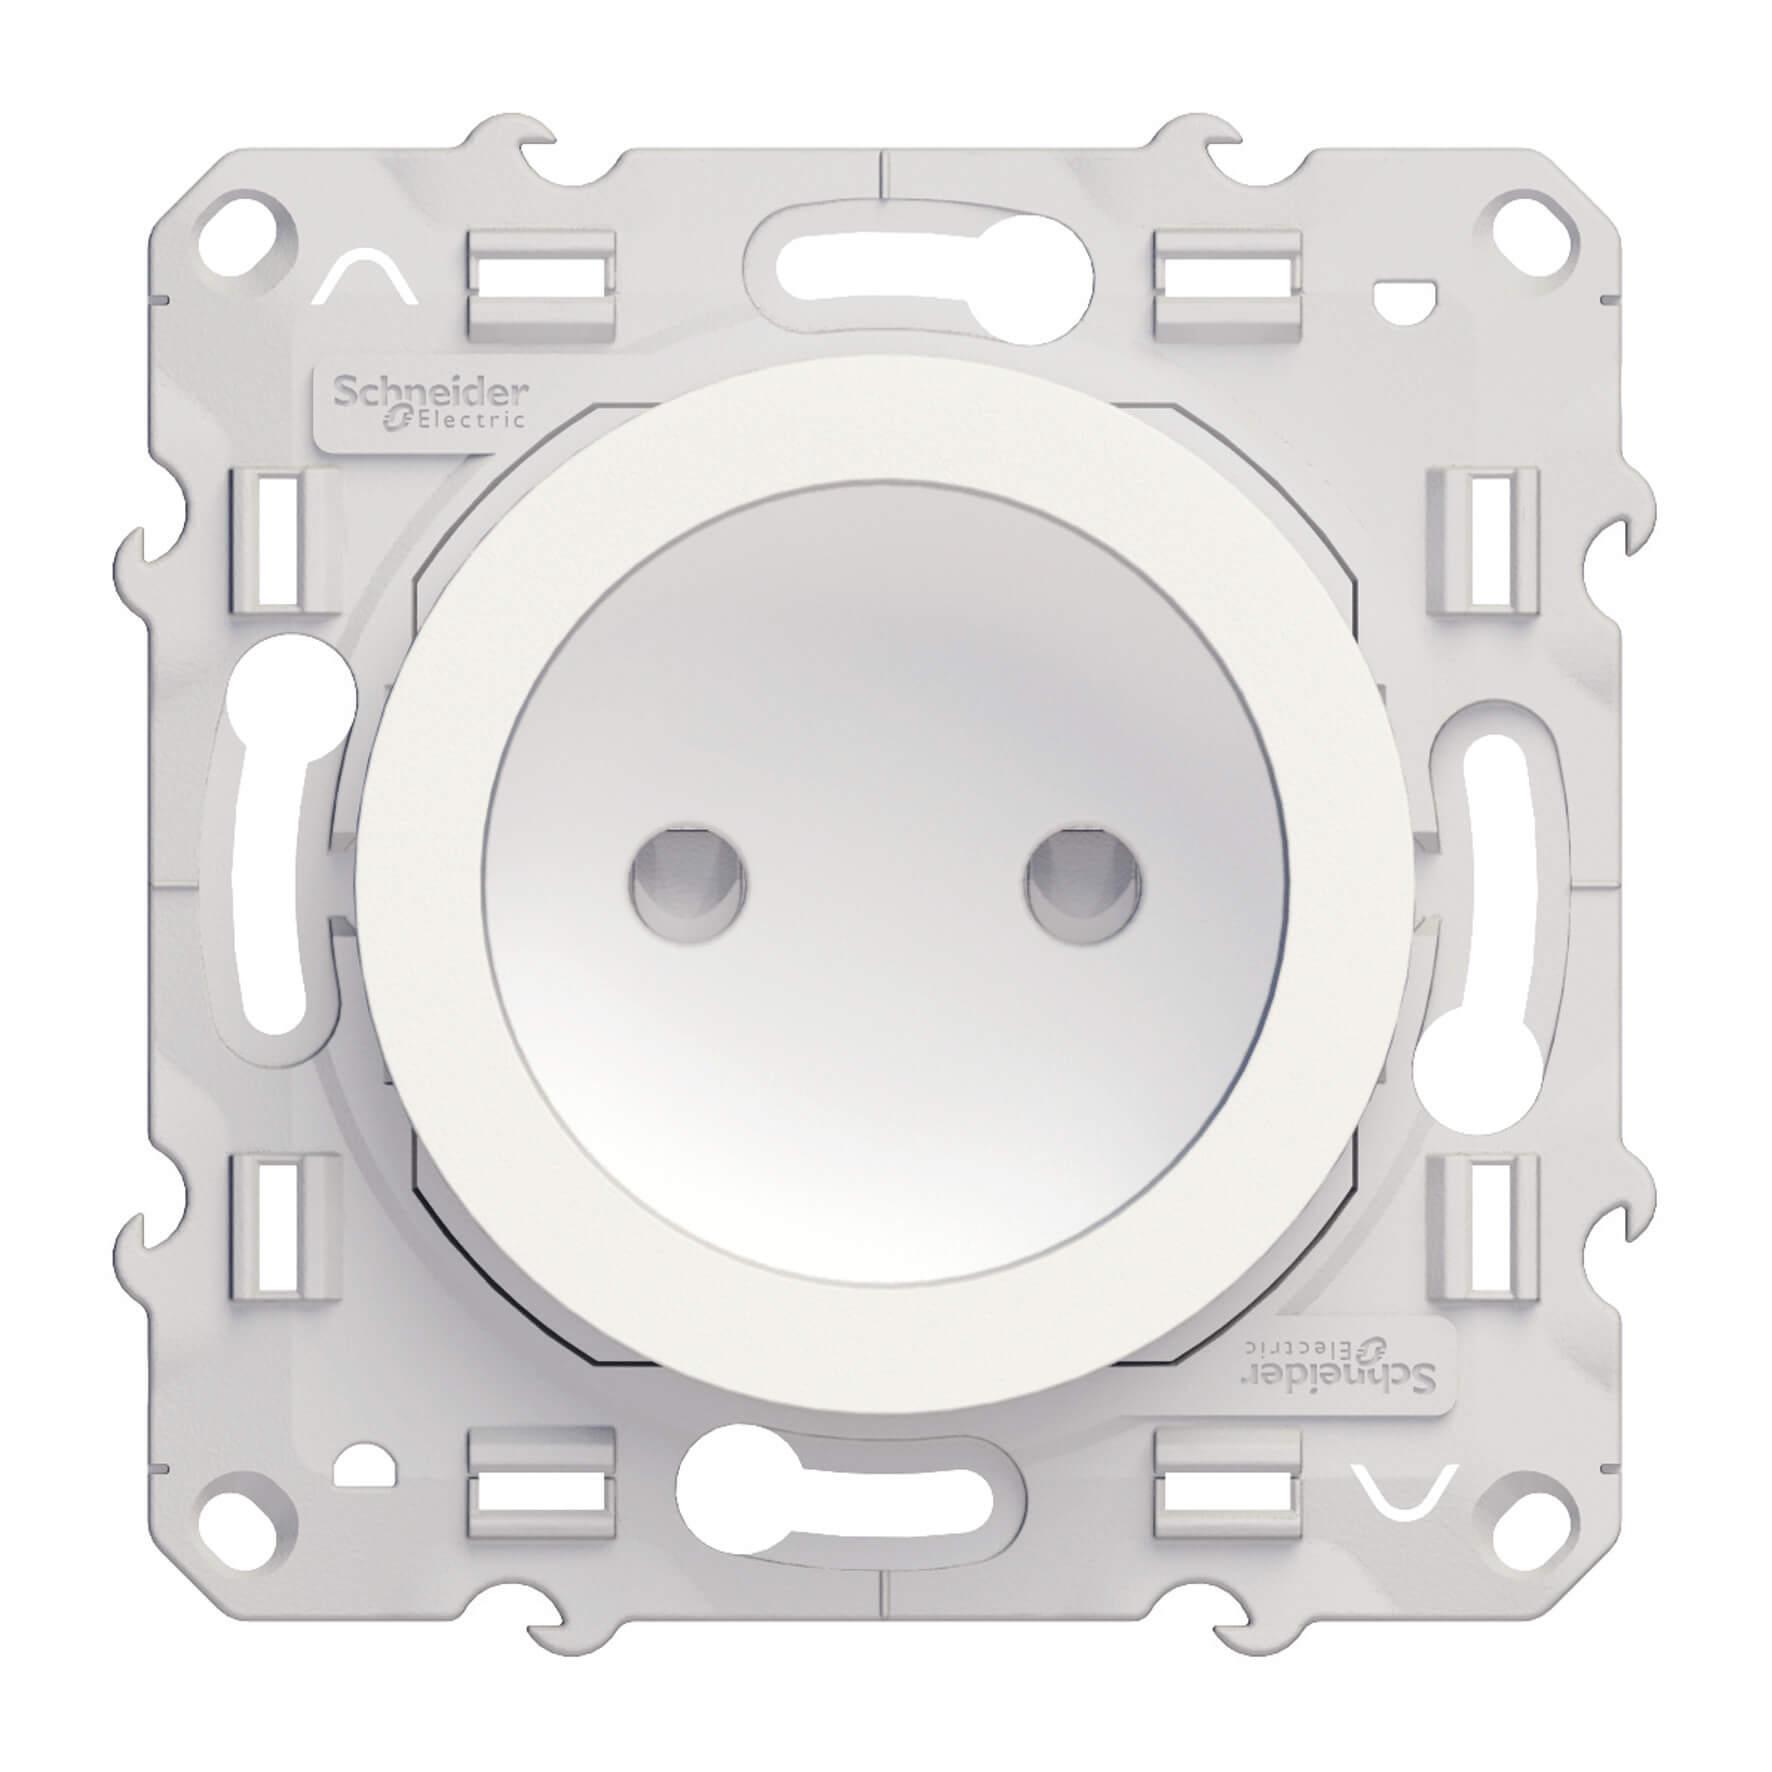 Schneider-Merten Odace wandcontactdoos zonder randaarde 16A - wit (S520033)